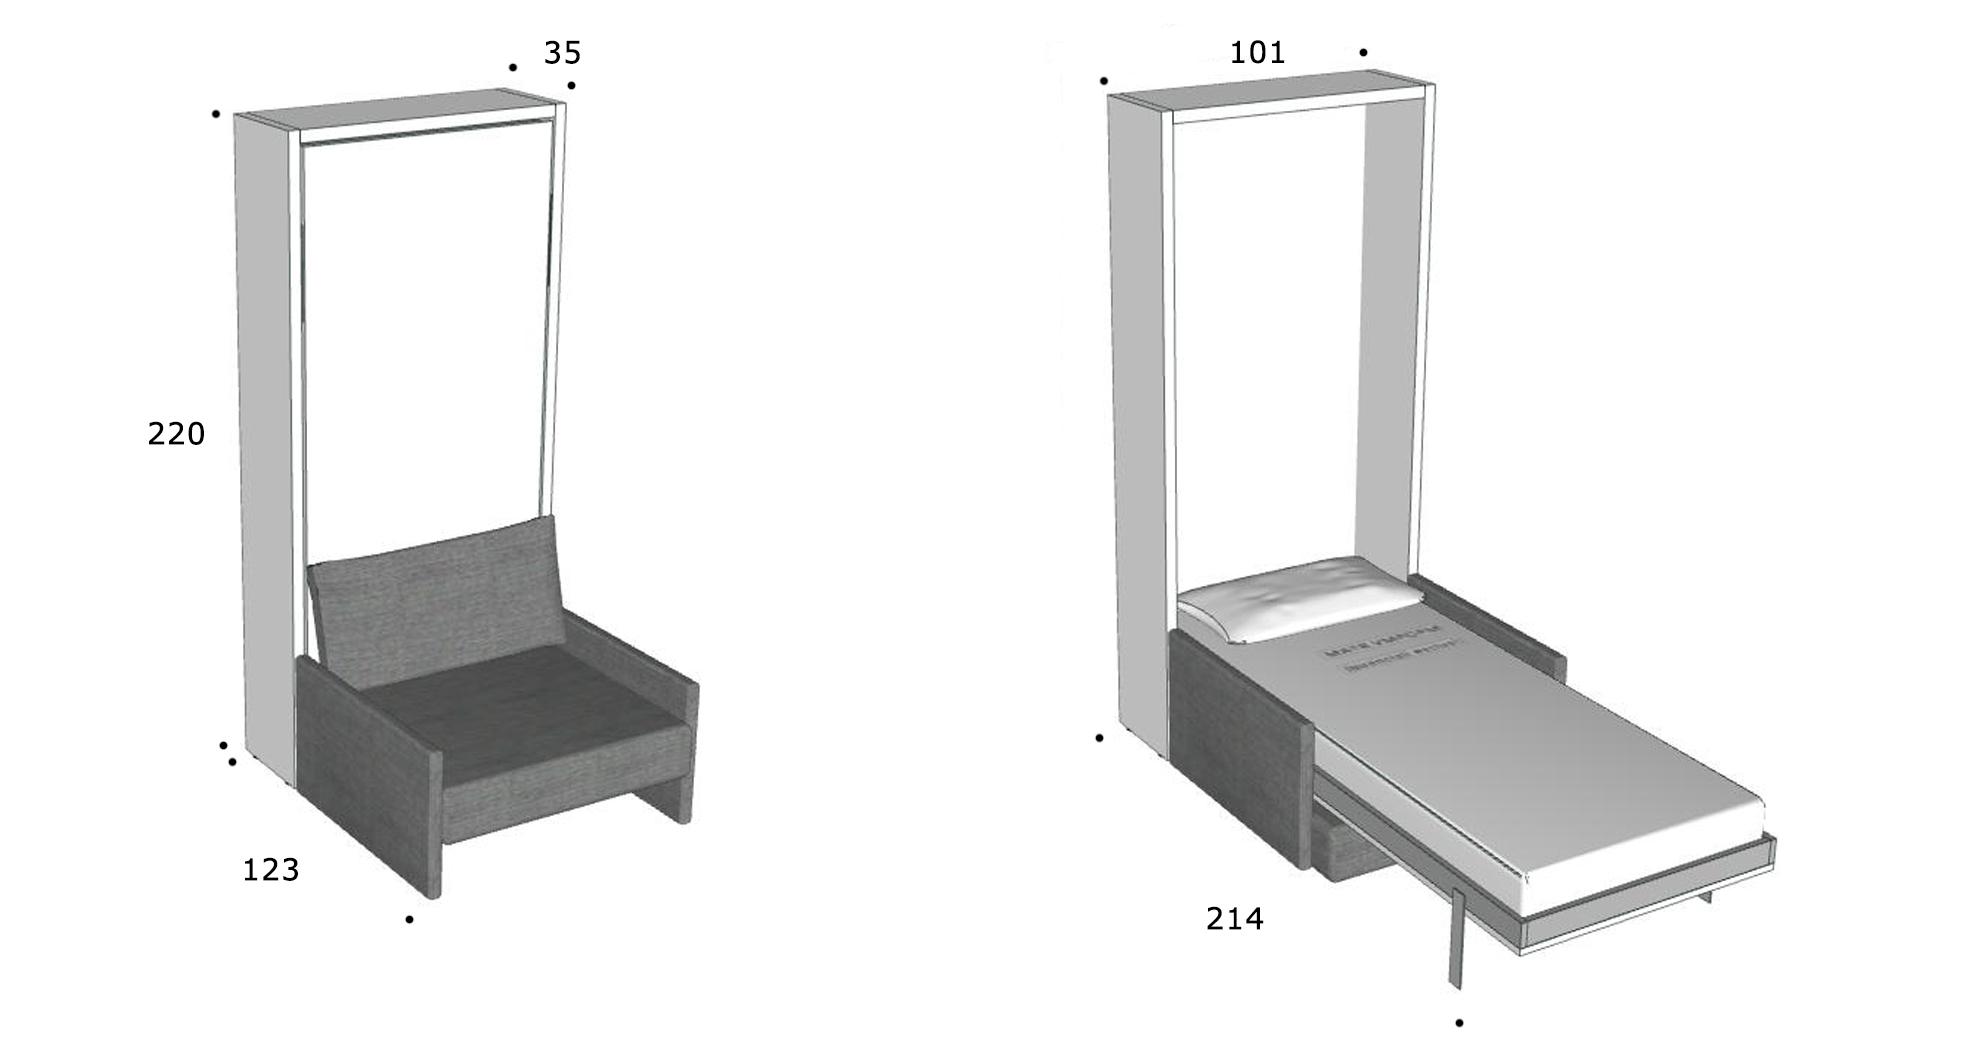 schrankbett altea 90 direkt beim hersteller kaufen. Black Bedroom Furniture Sets. Home Design Ideas